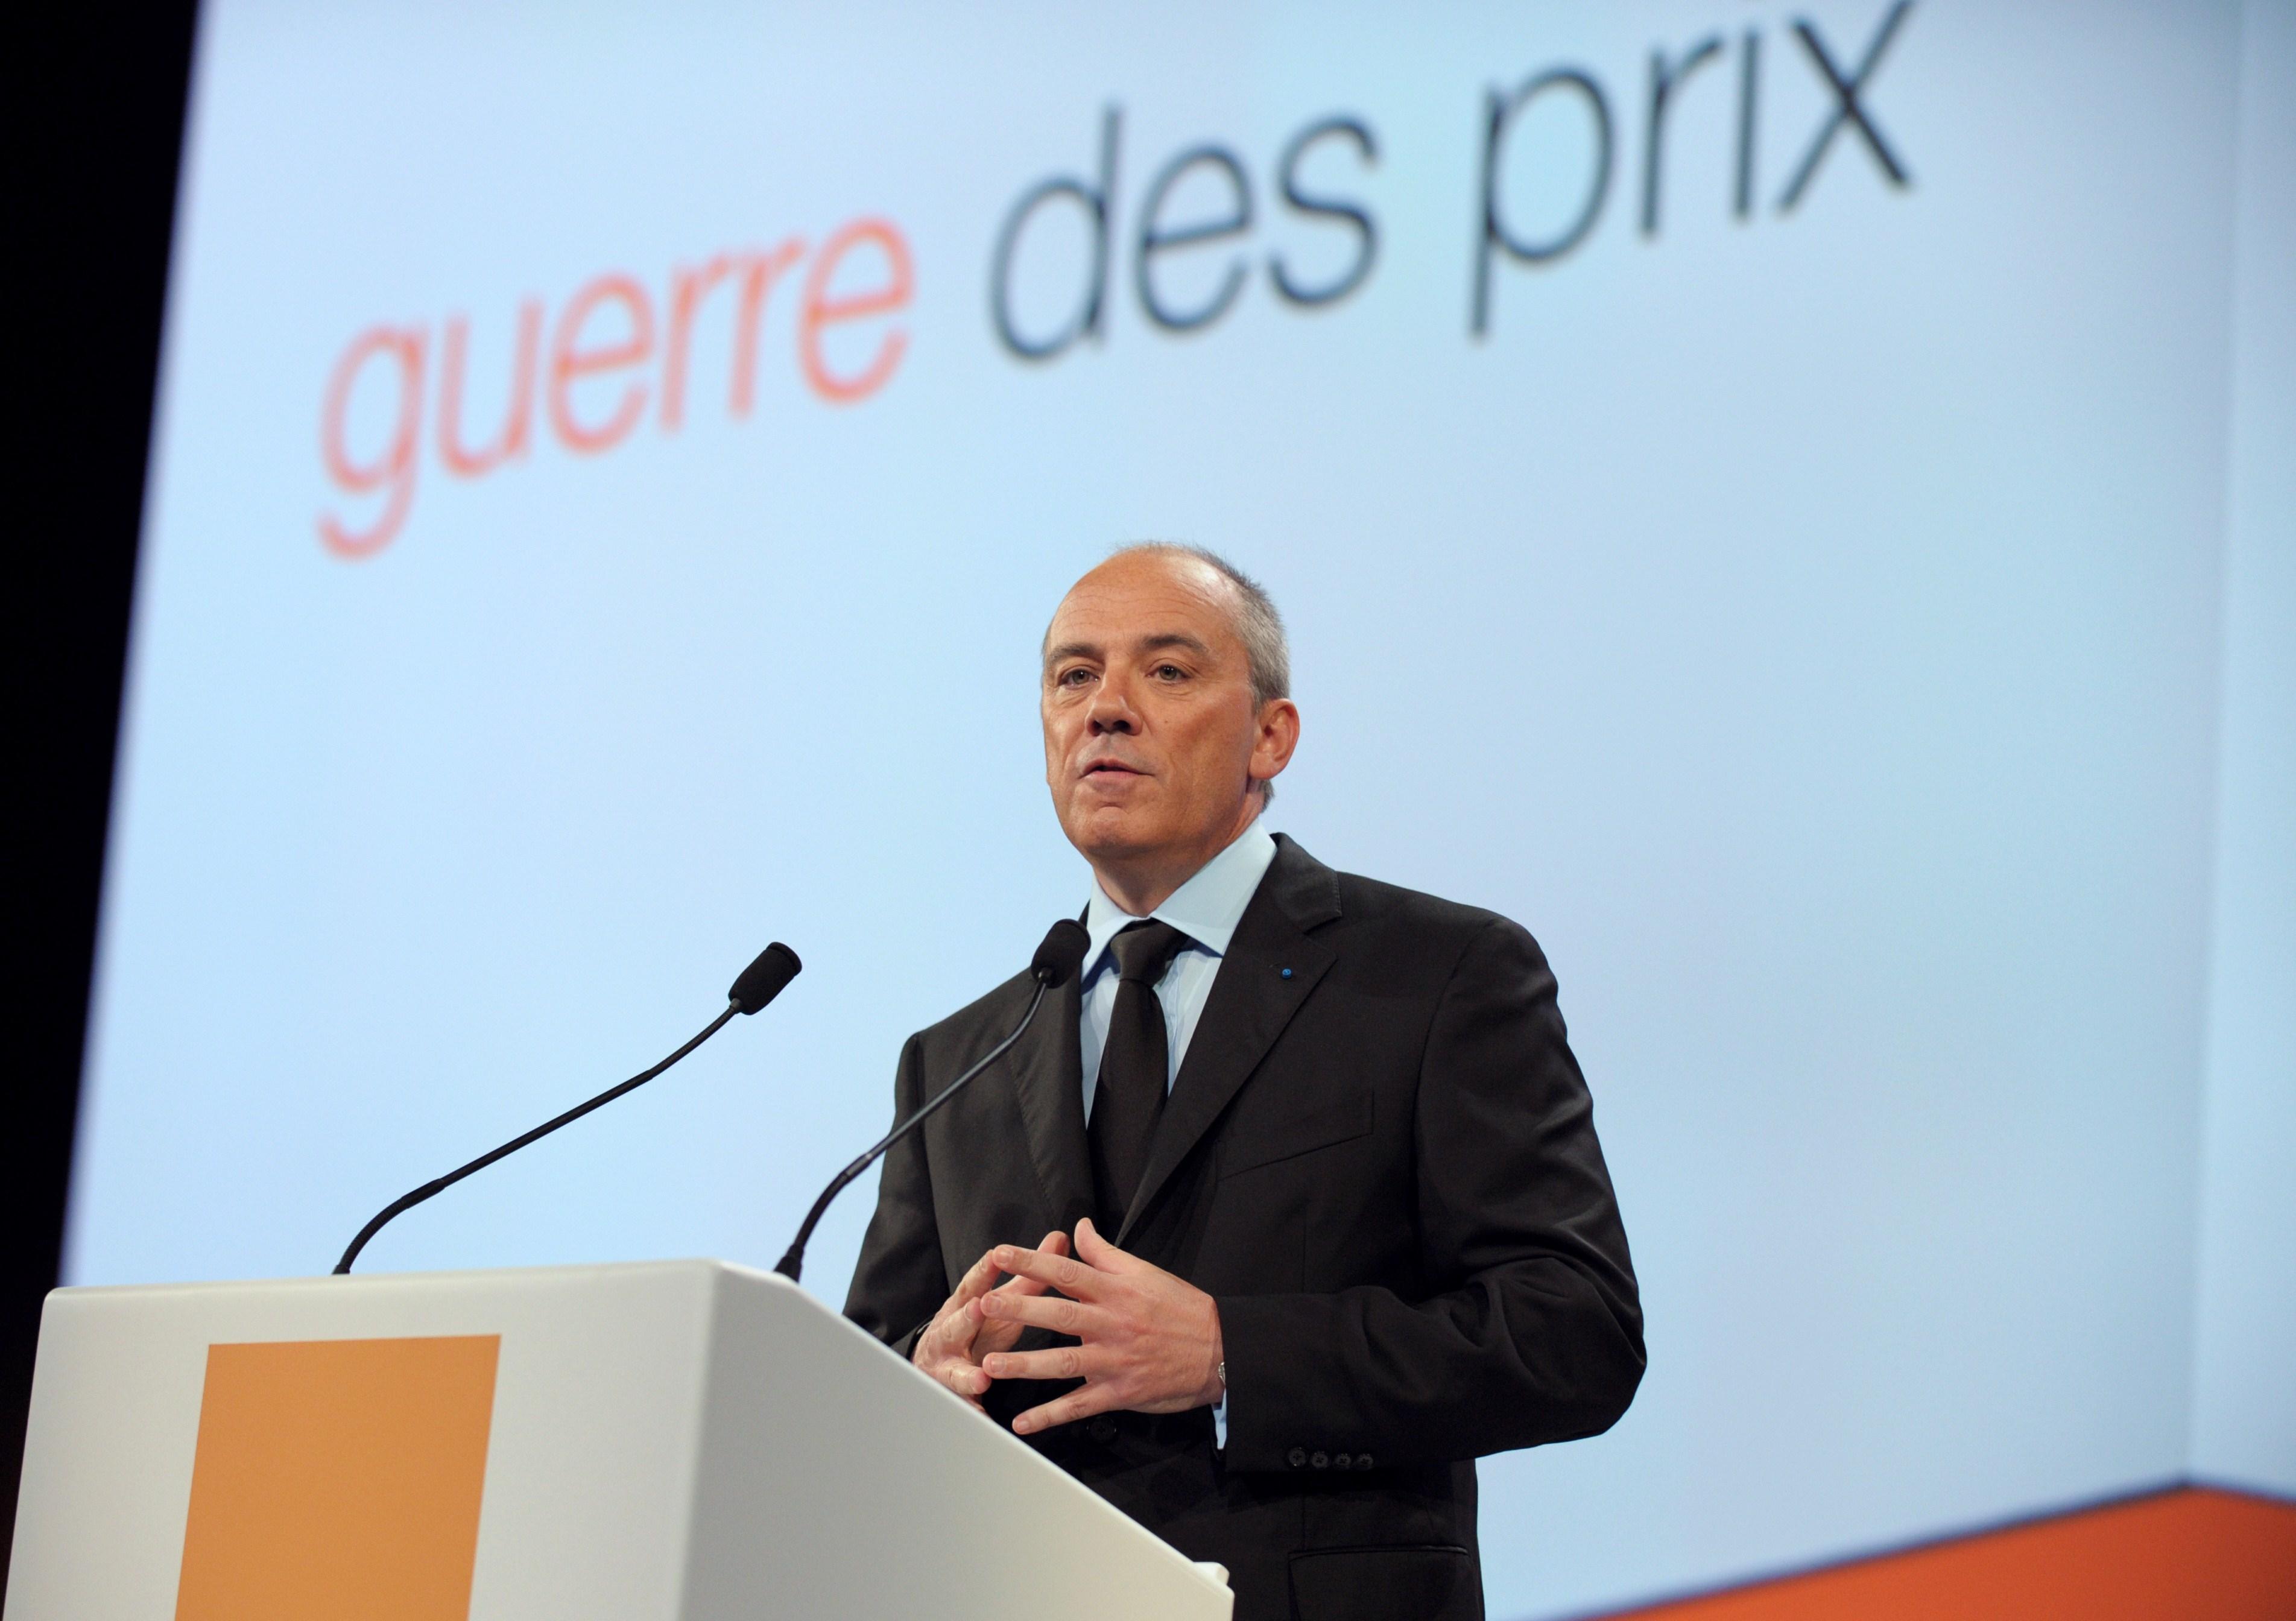 Afacerea Bernard Tapie - Christine Lagarde. CEO-ul diviziei mobile France Telecom a fost arestat